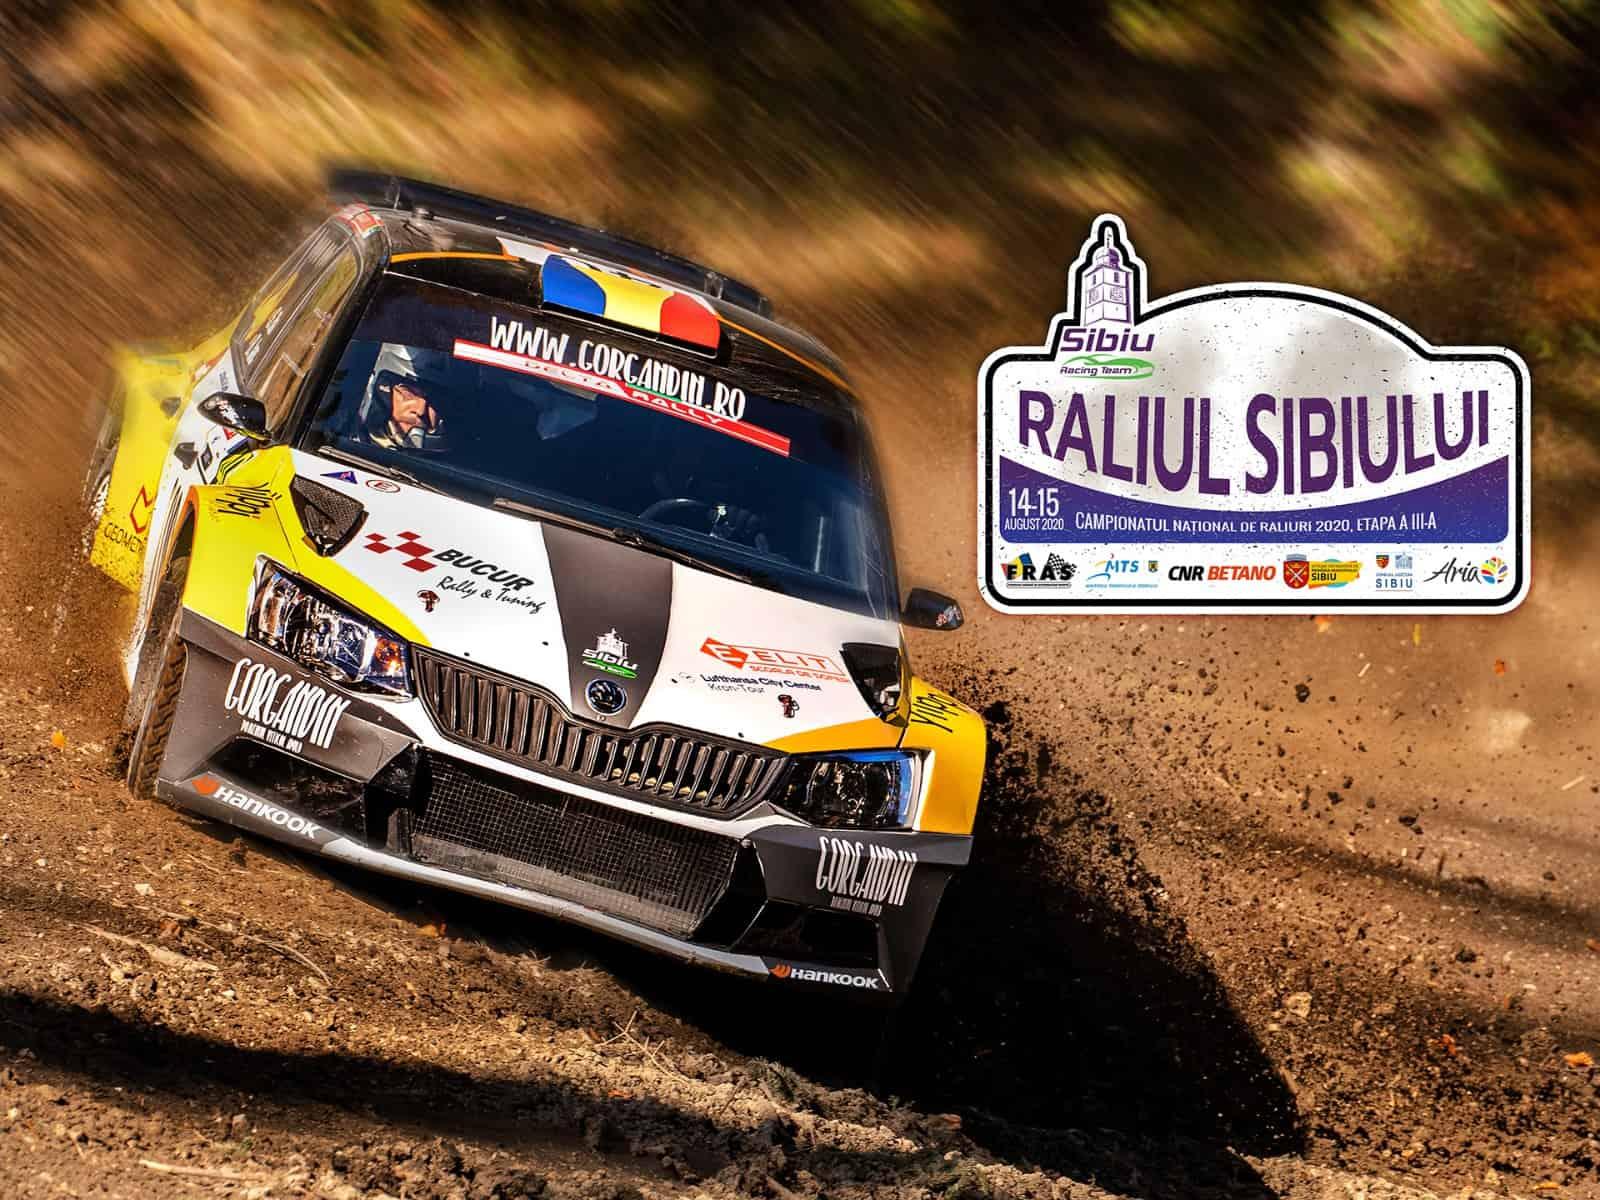 S-a dat startul înscrierilor la Raliul Sibiului 2020